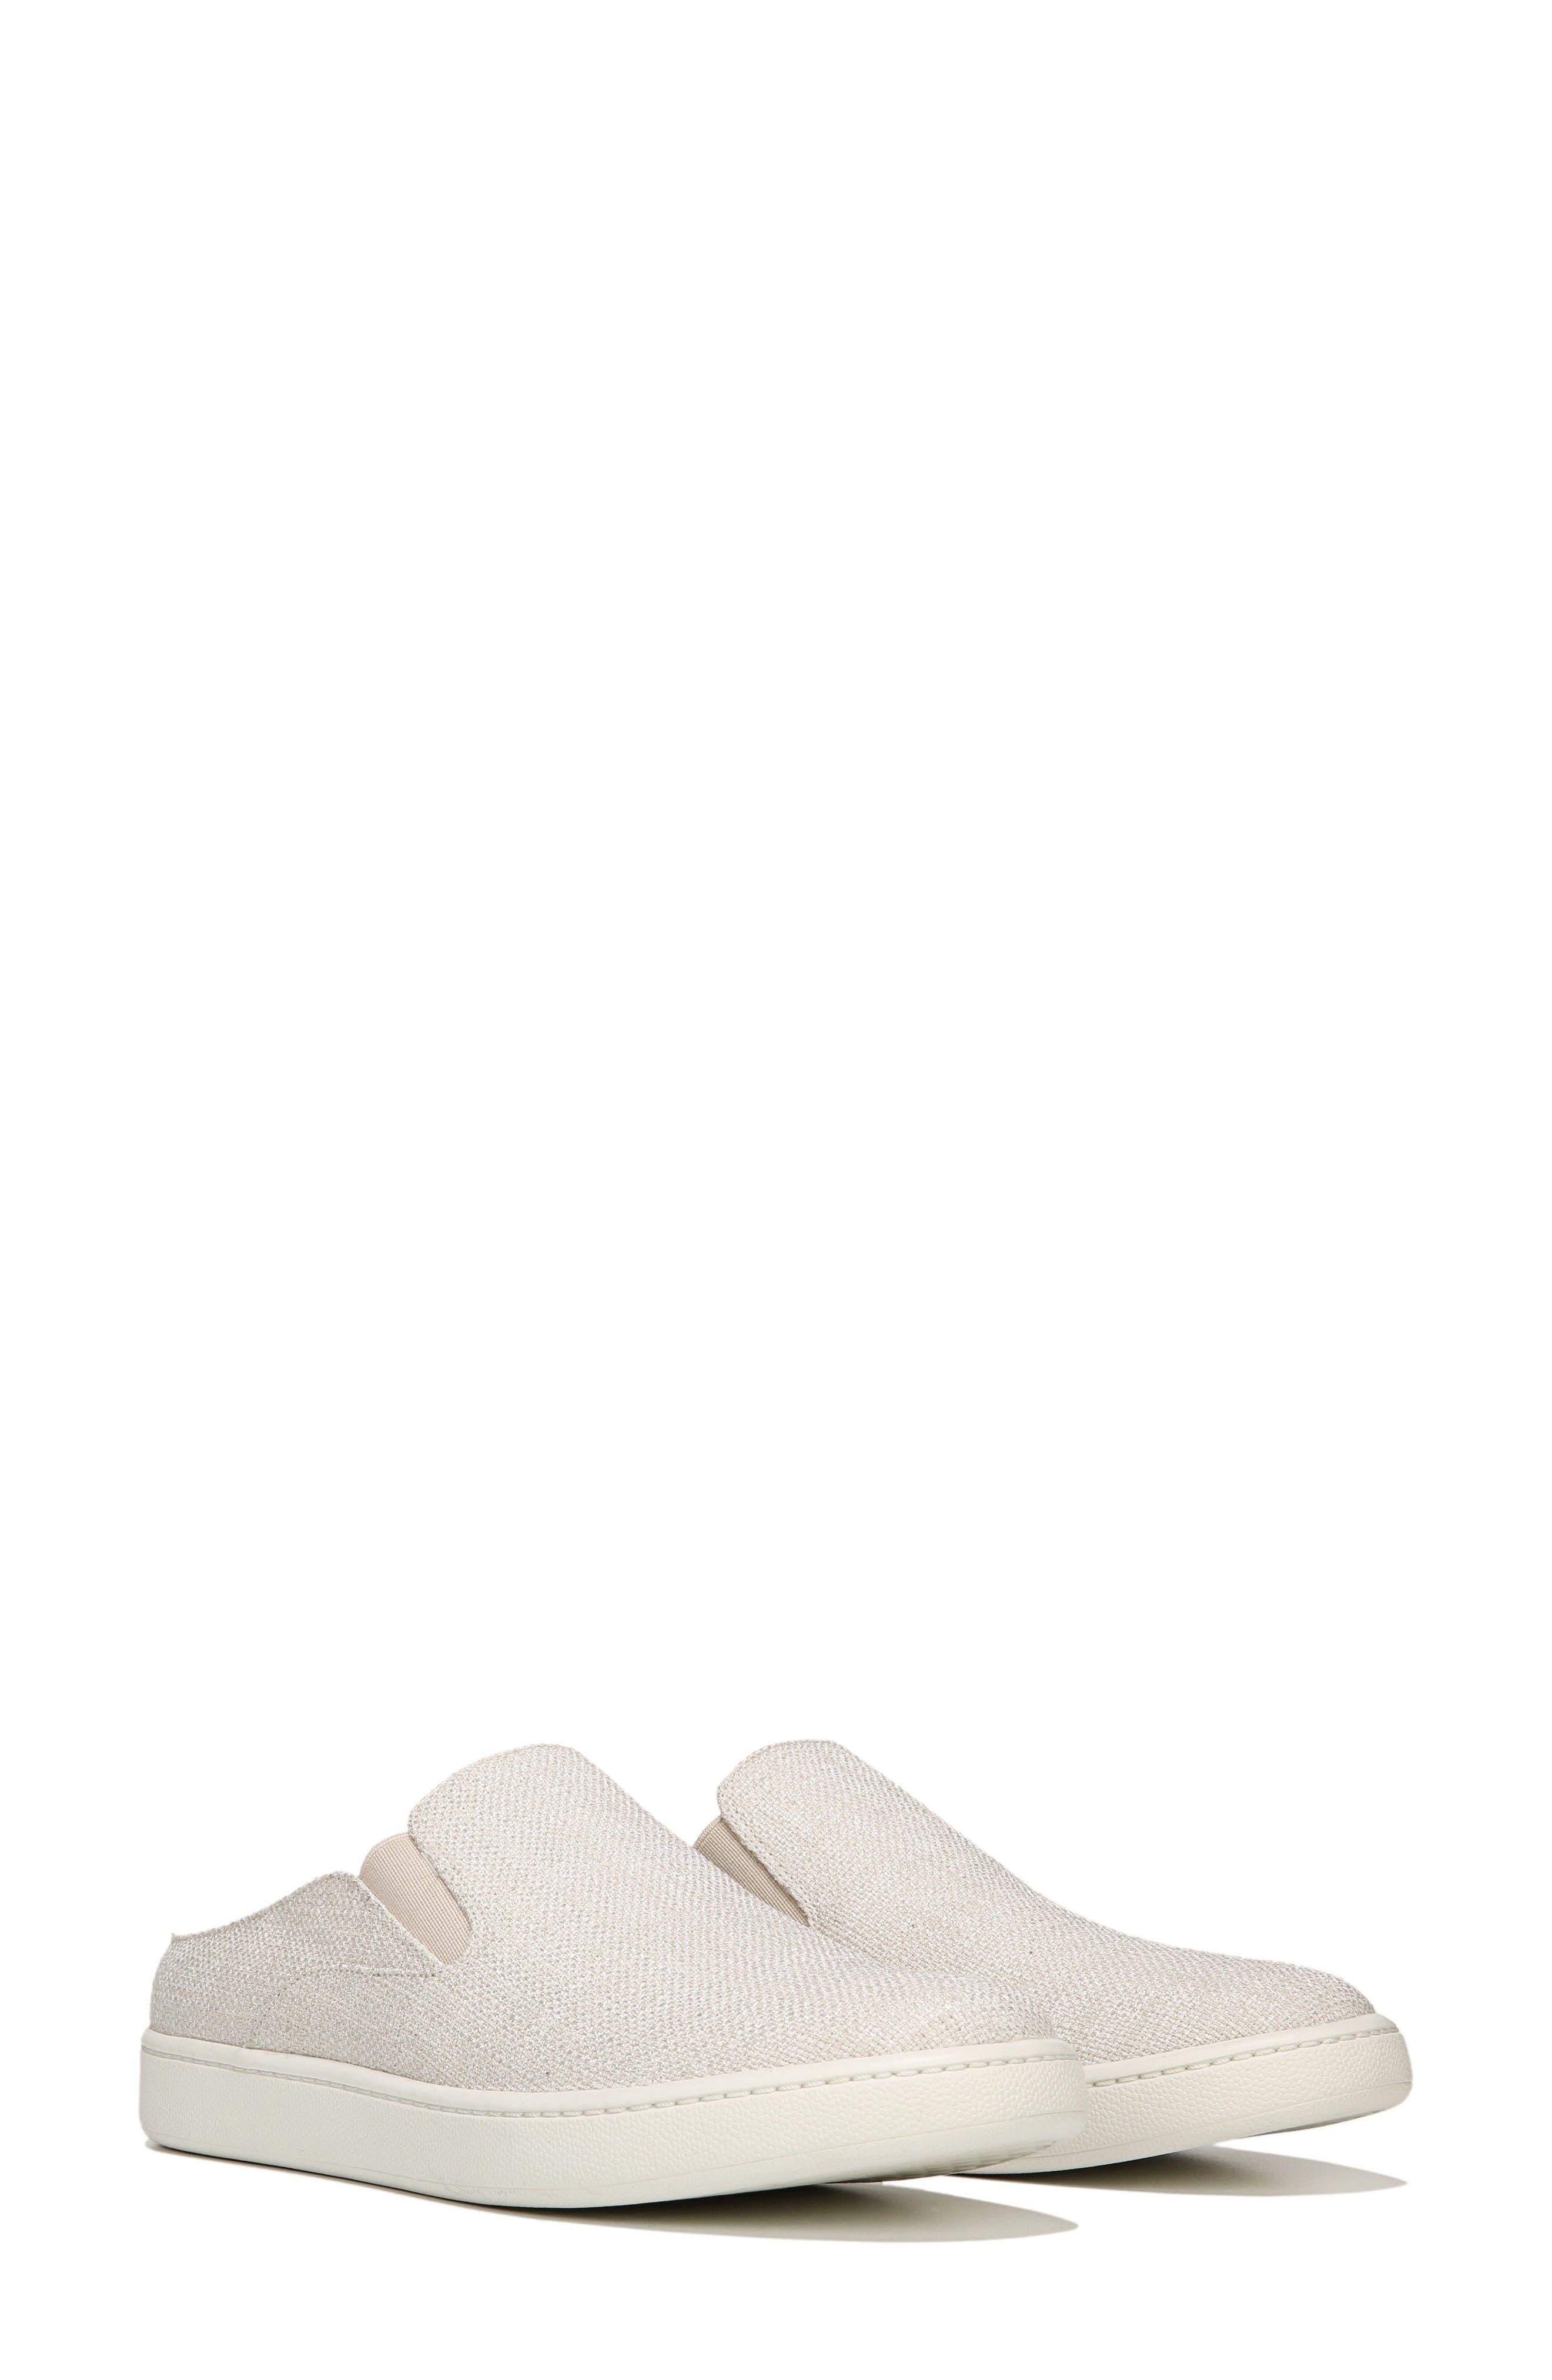 Verrell Slip-On Sneaker,                             Alternate thumbnail 52, color,